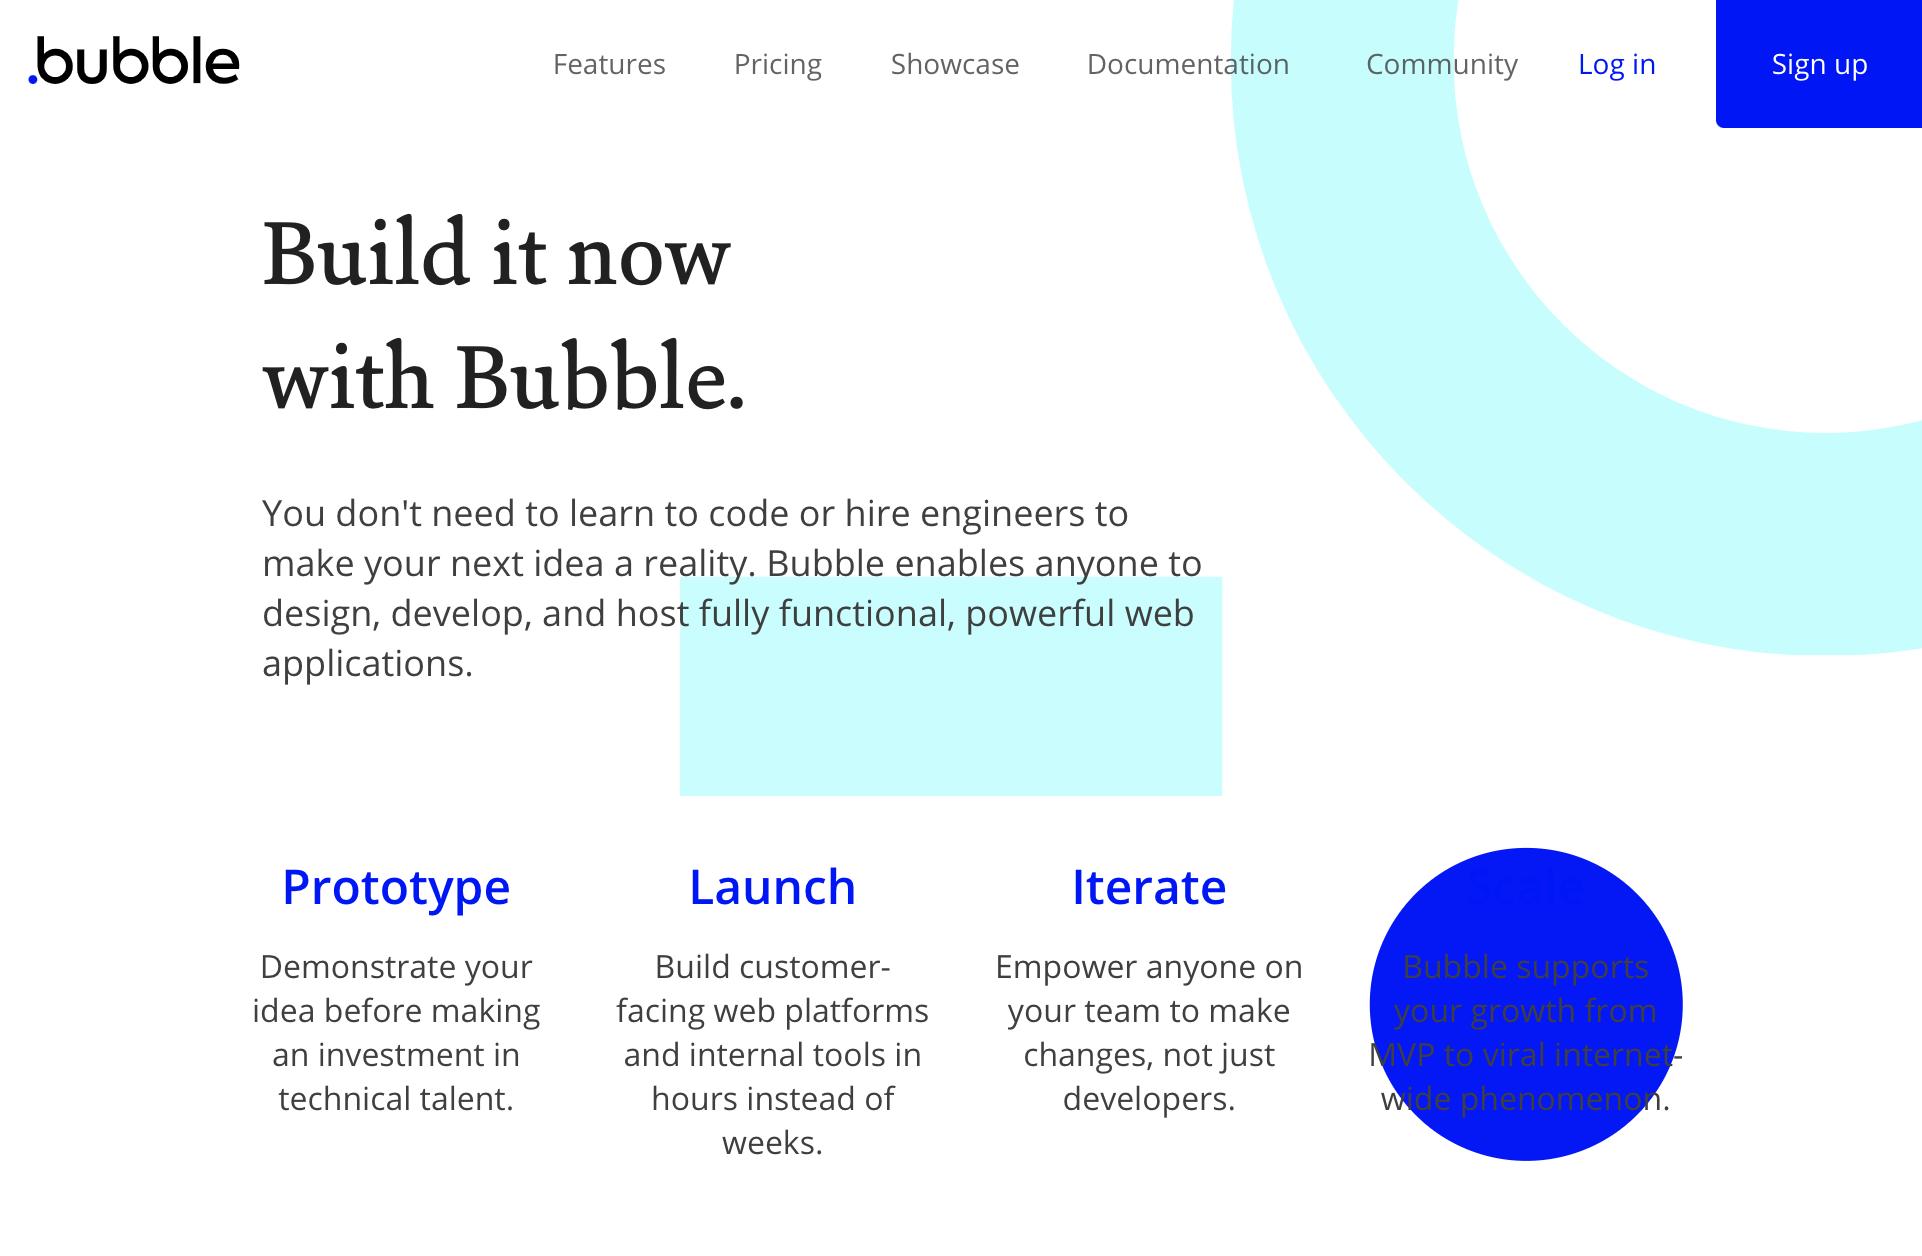 Bubble website